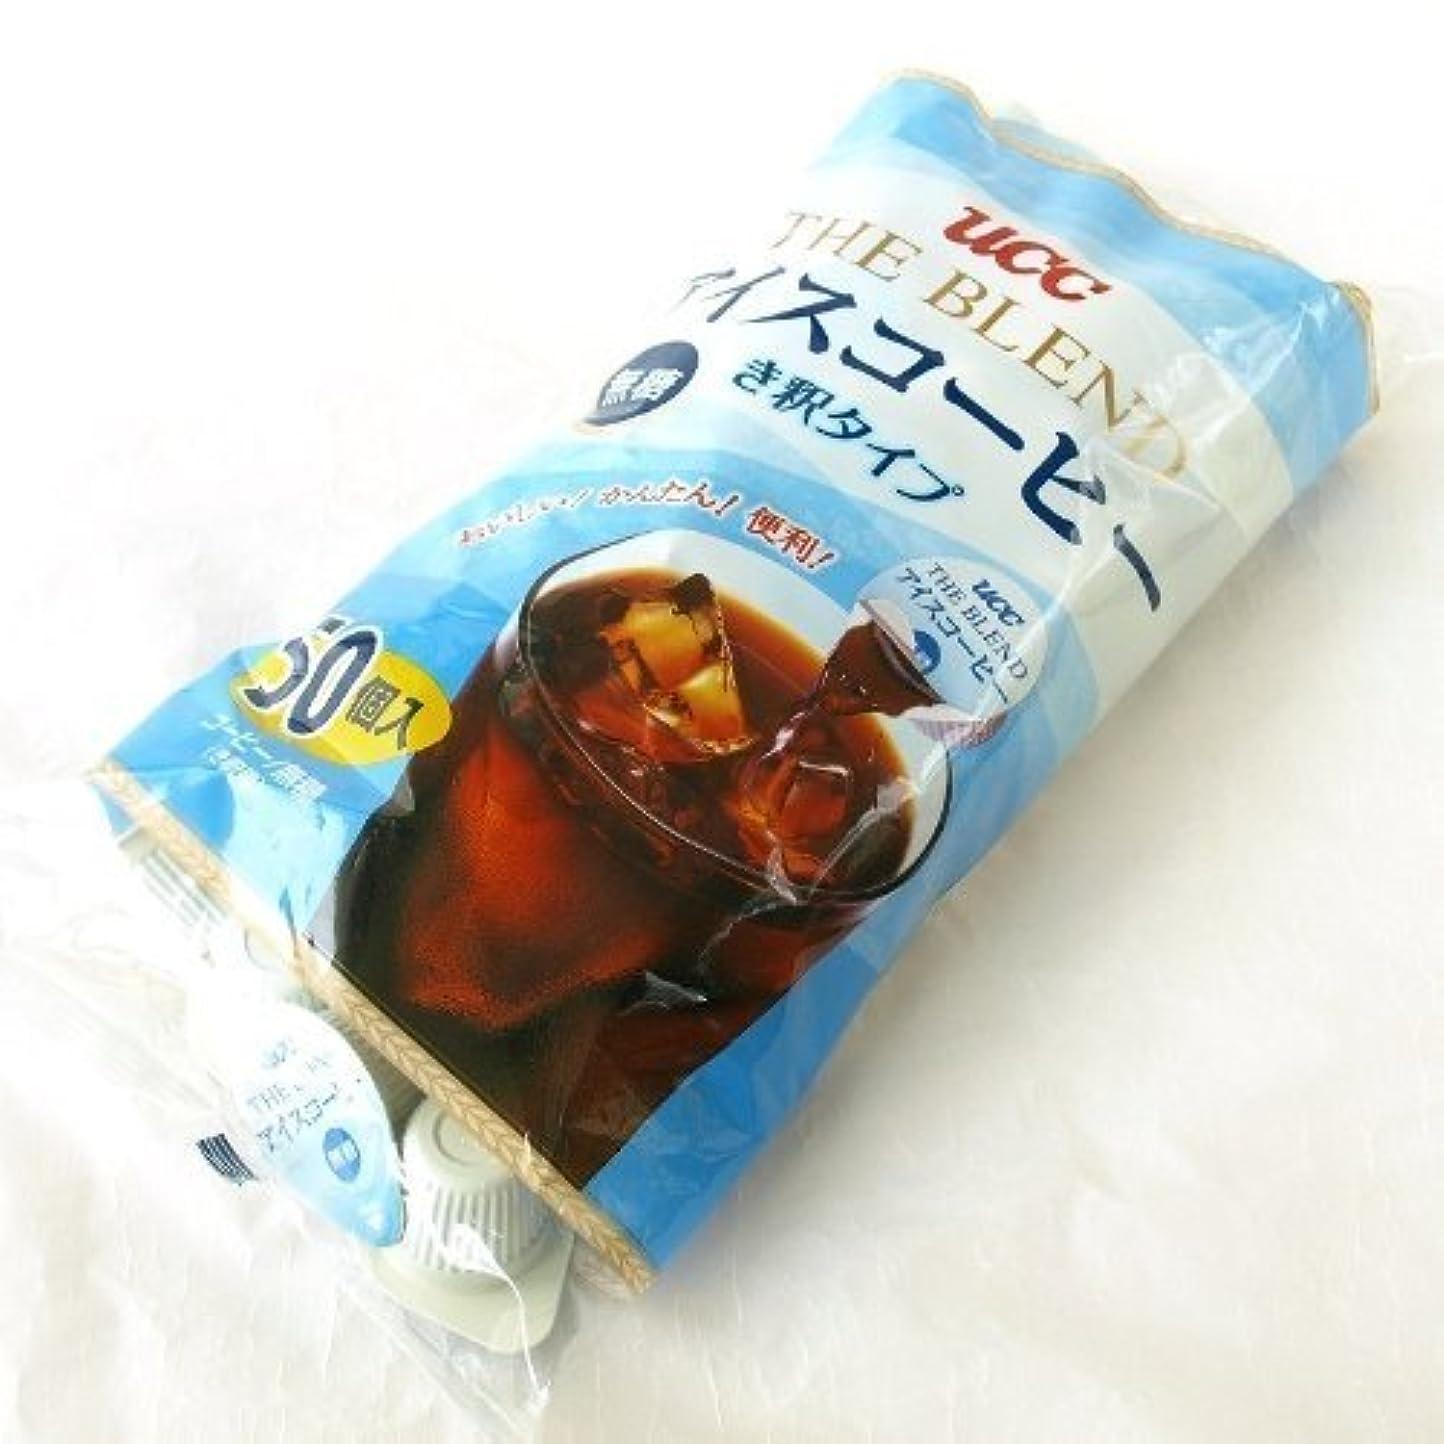 作りゆりかご工業化するUCC The Blend アイスコーヒー ポーション IceCoffee(き釈タイプ)無糖 18g 50個入×2袋